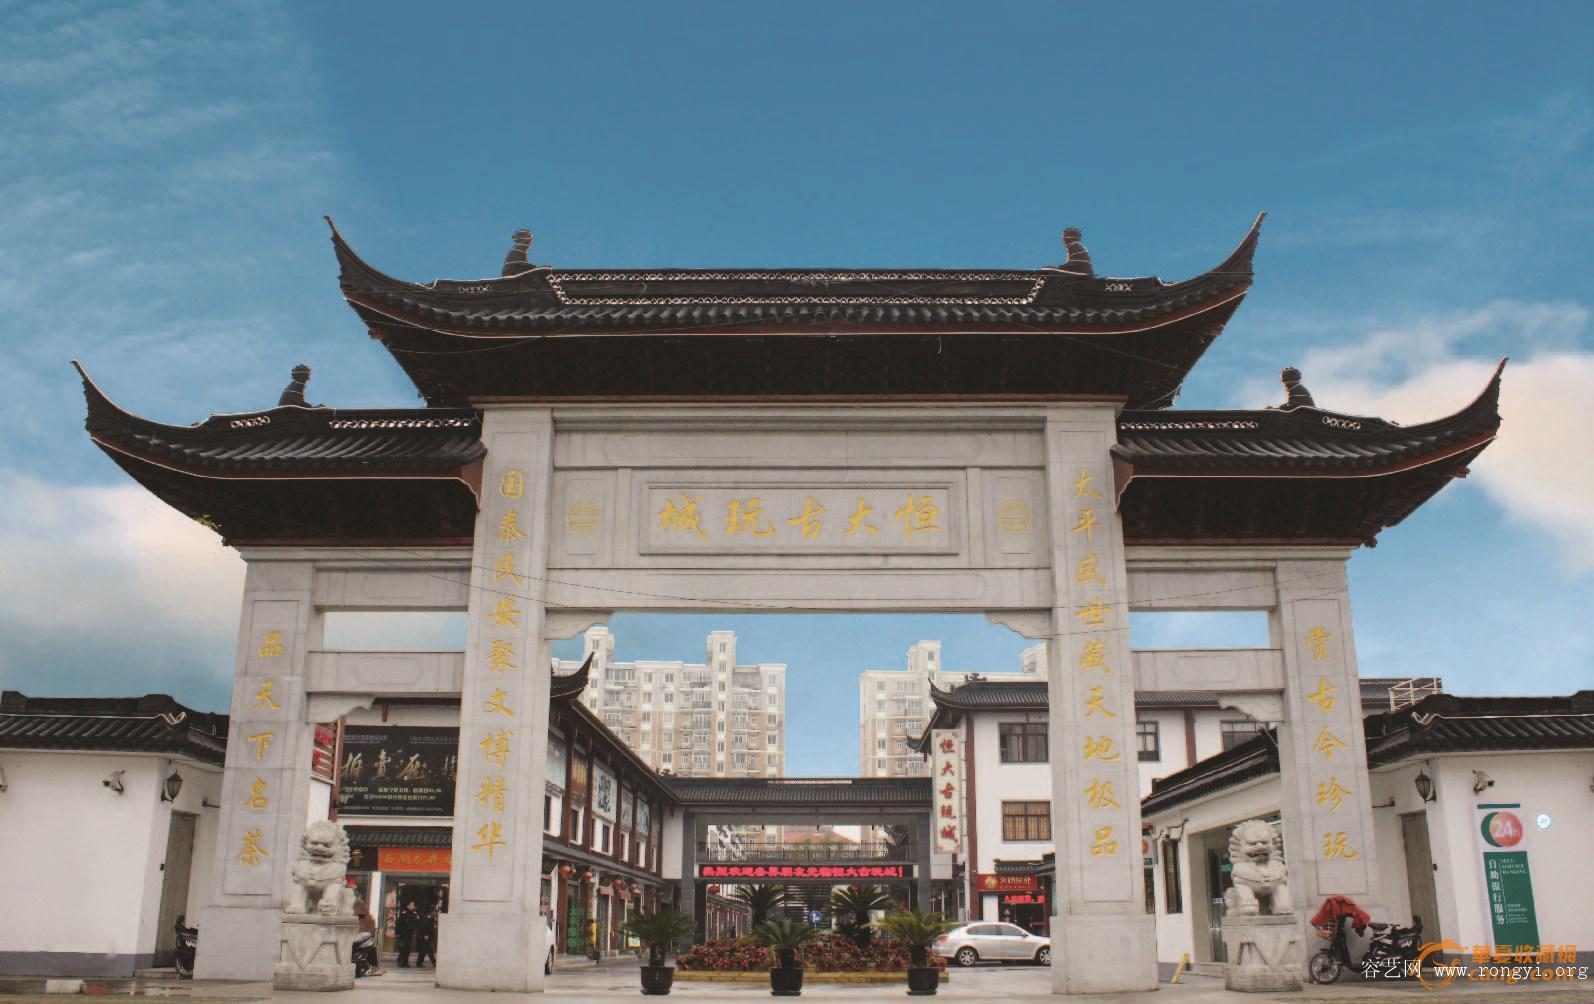 上海恒大古玩城